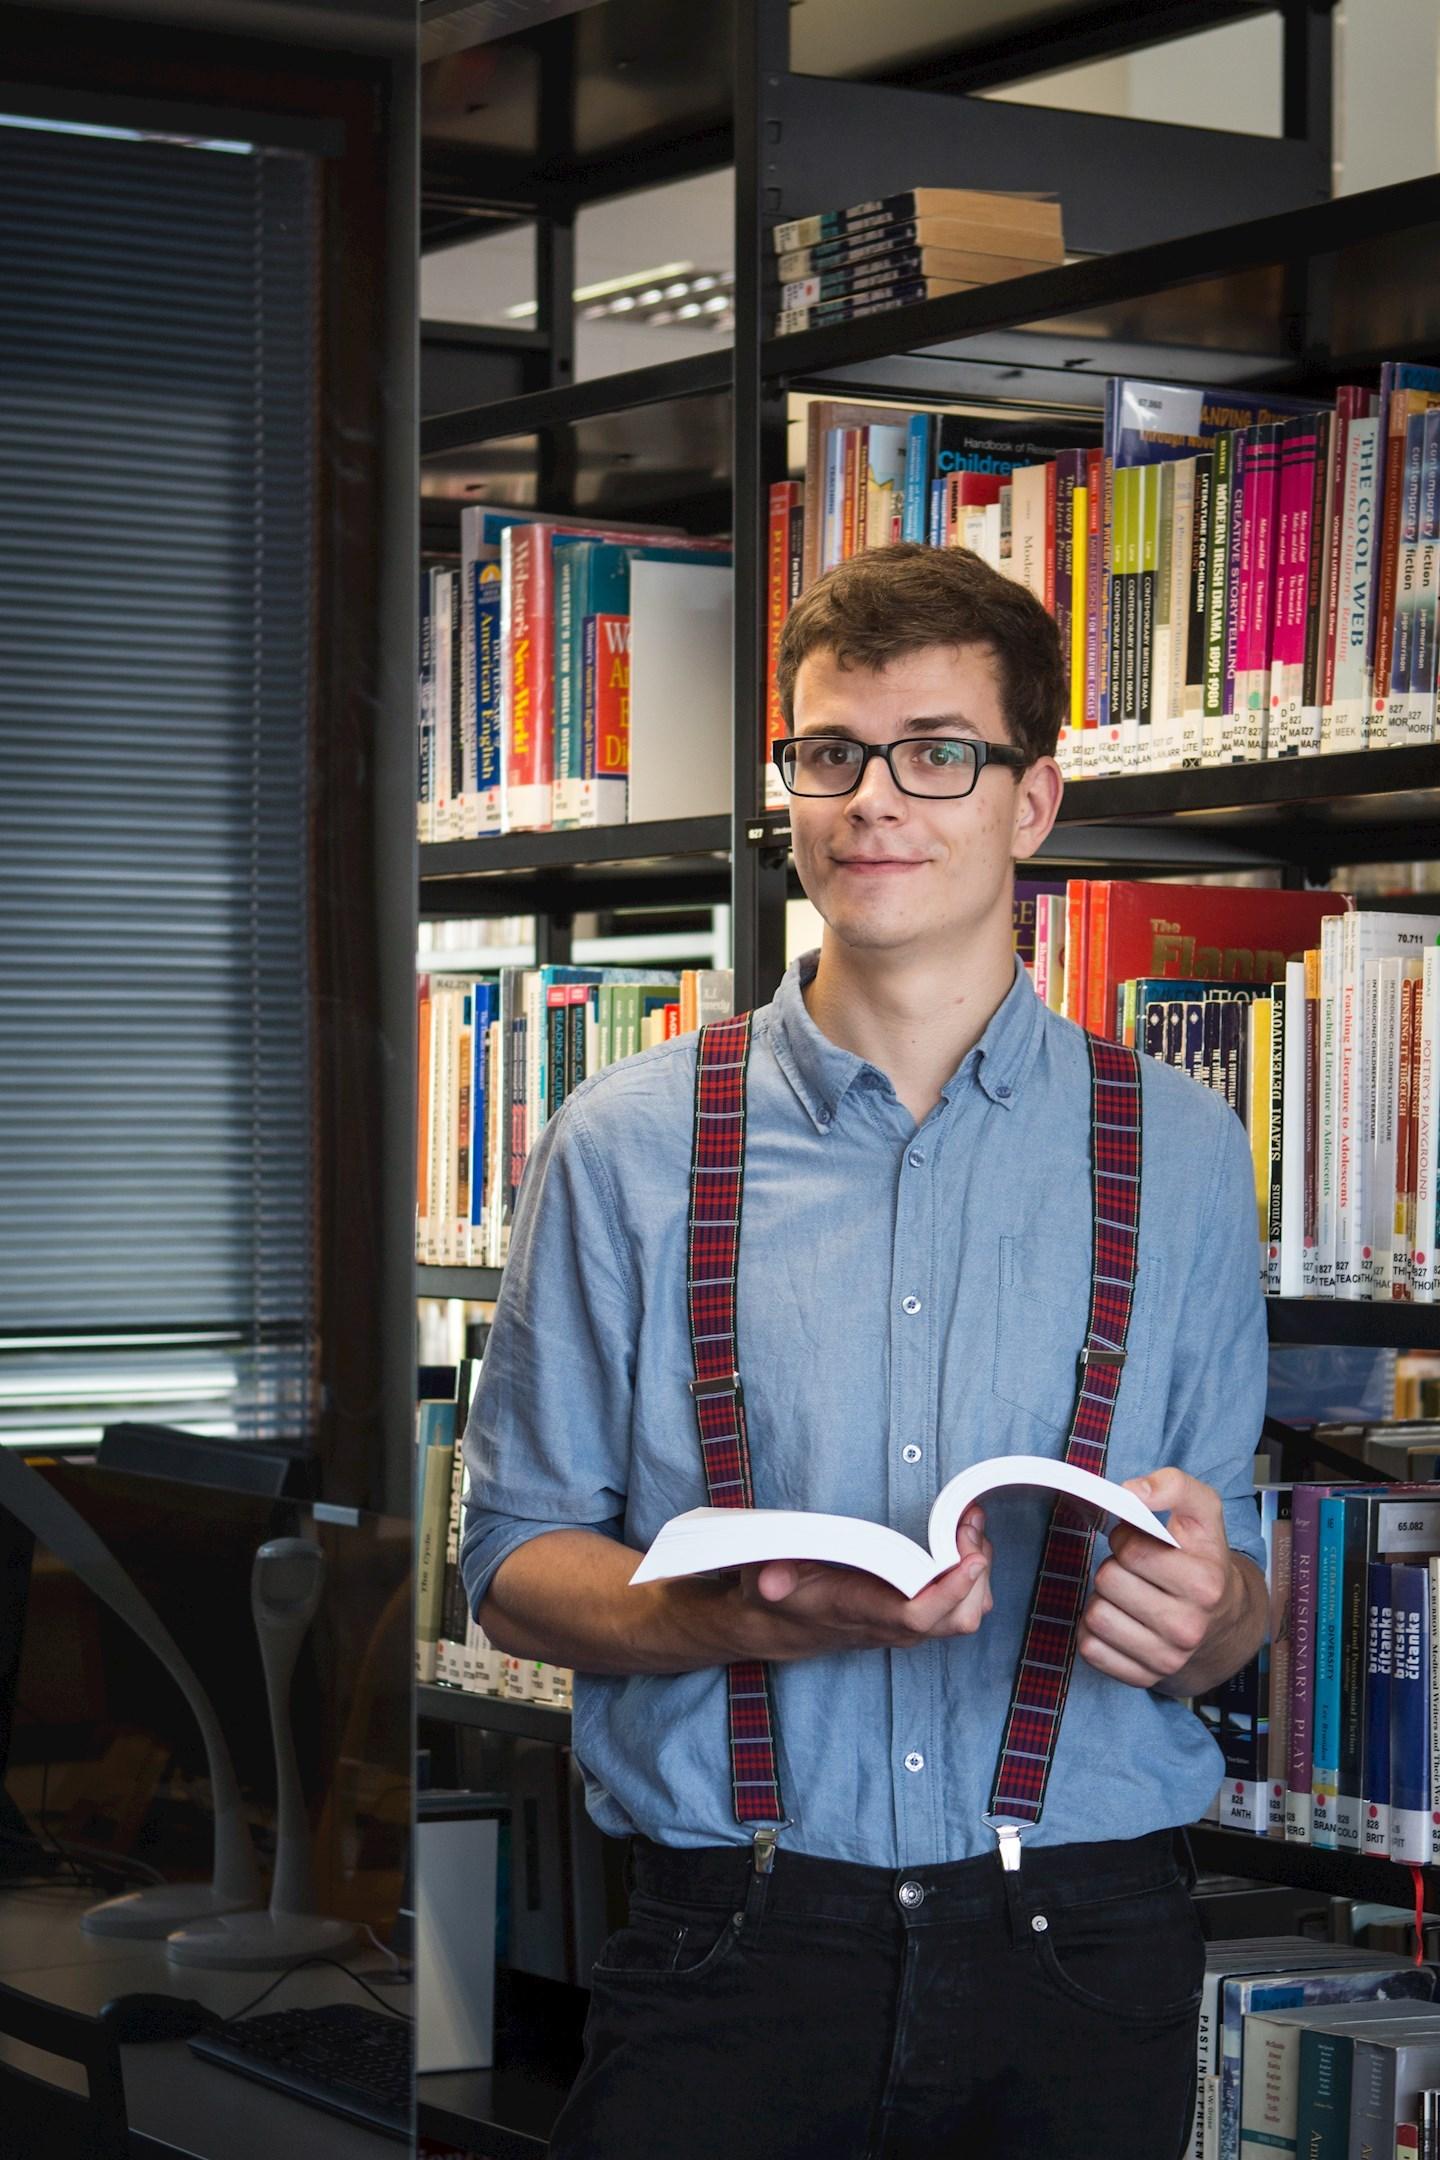 Štěpán Tichý, student anglického jazyka a literatury